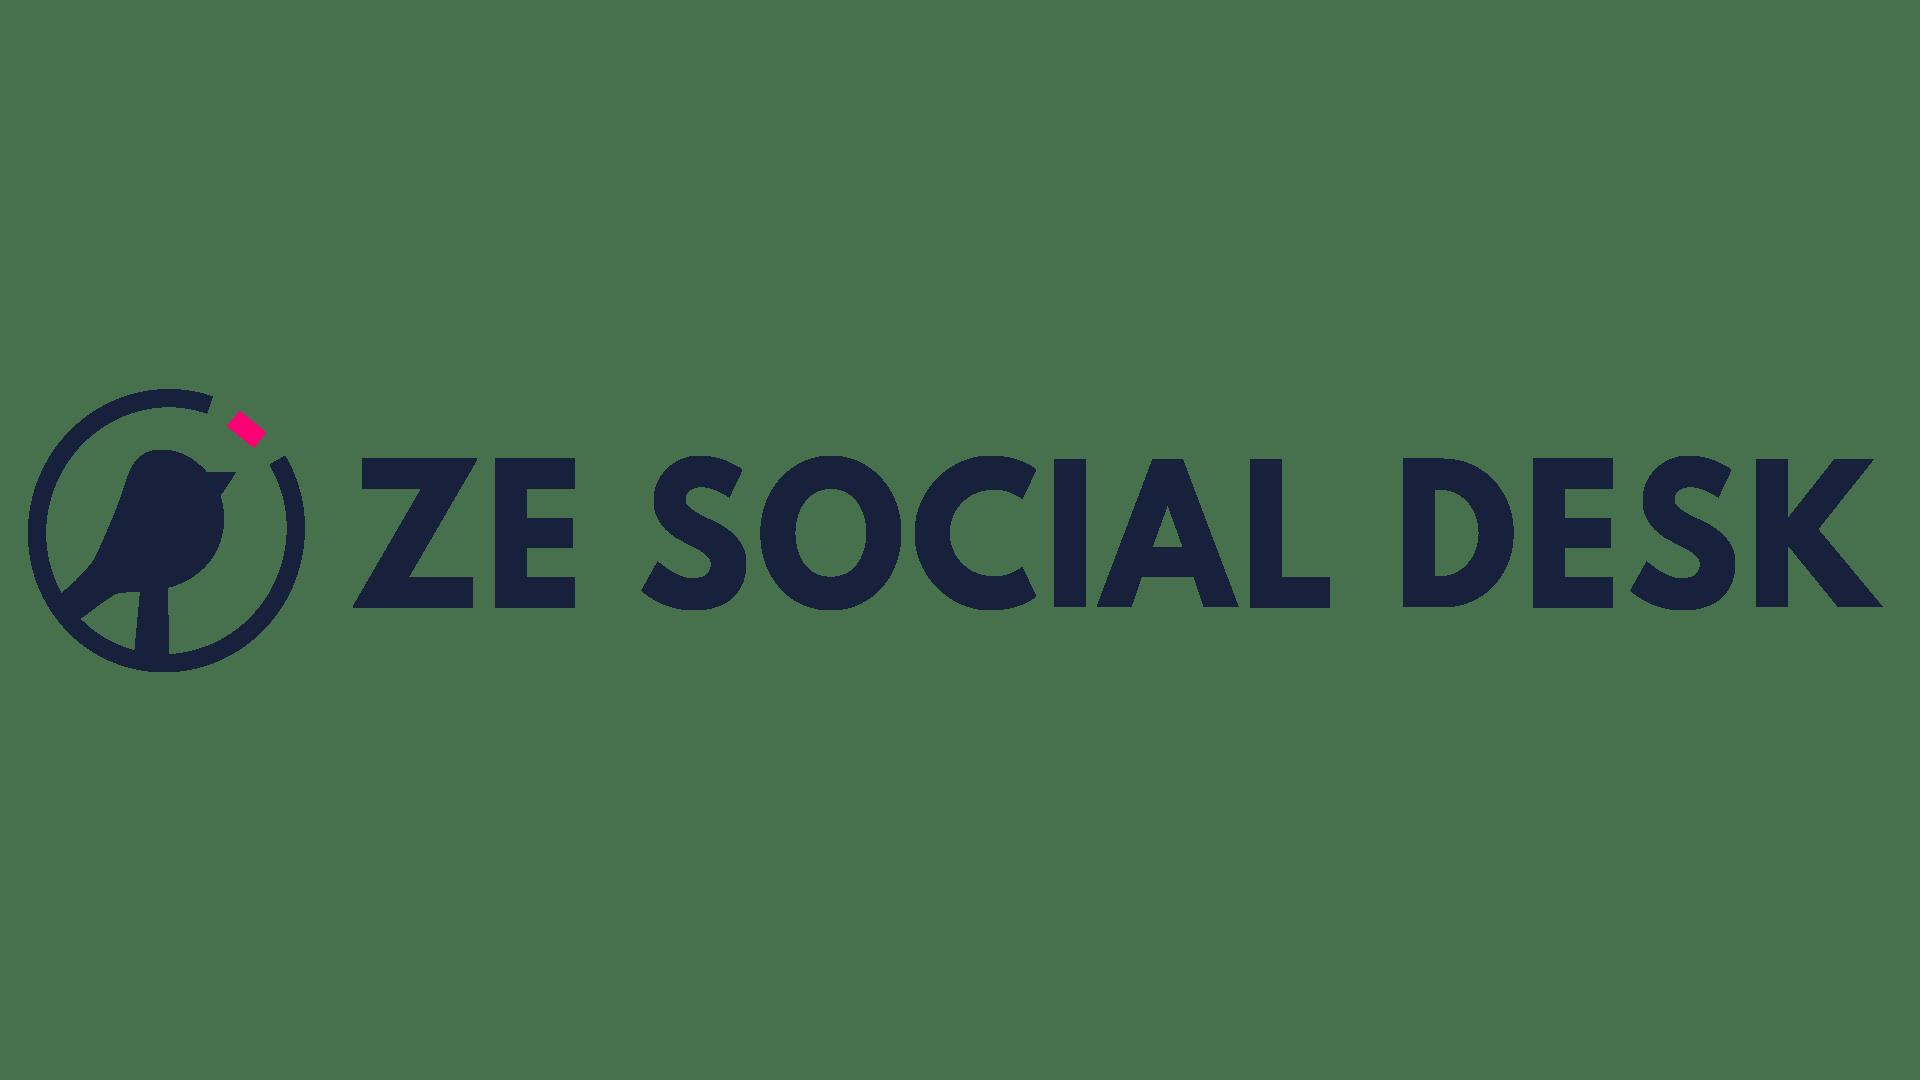 Ze Social Desk